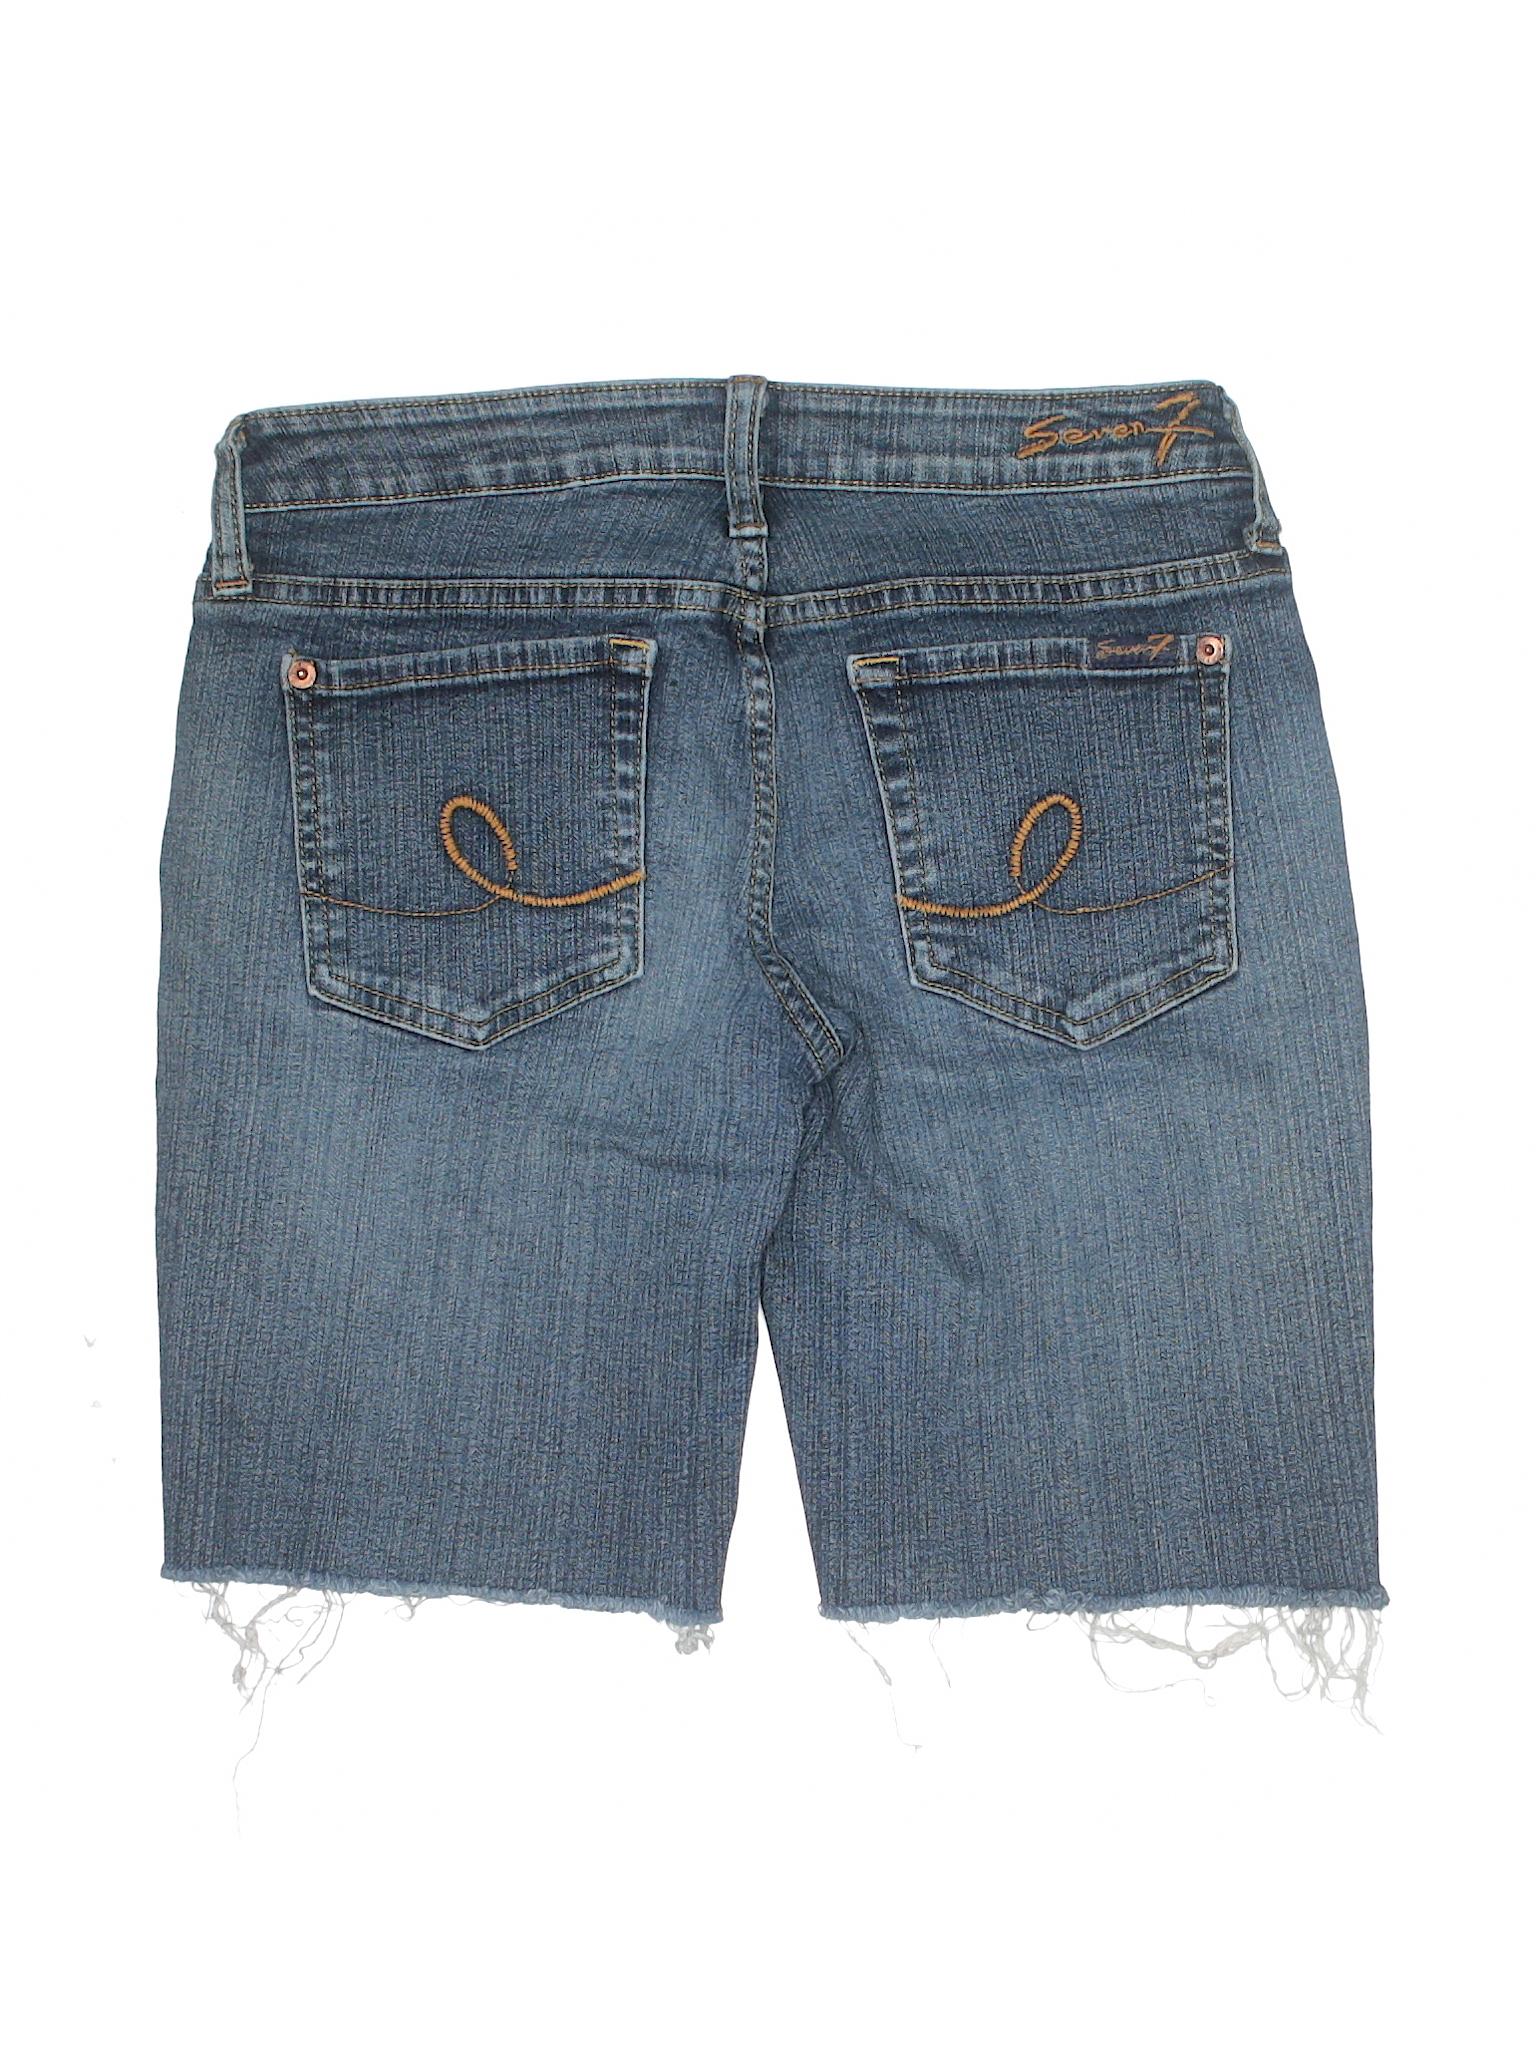 Boutique Boutique Seven7 Seven7 Denim Shorts Shorts Denim Boutique SSxqgTR